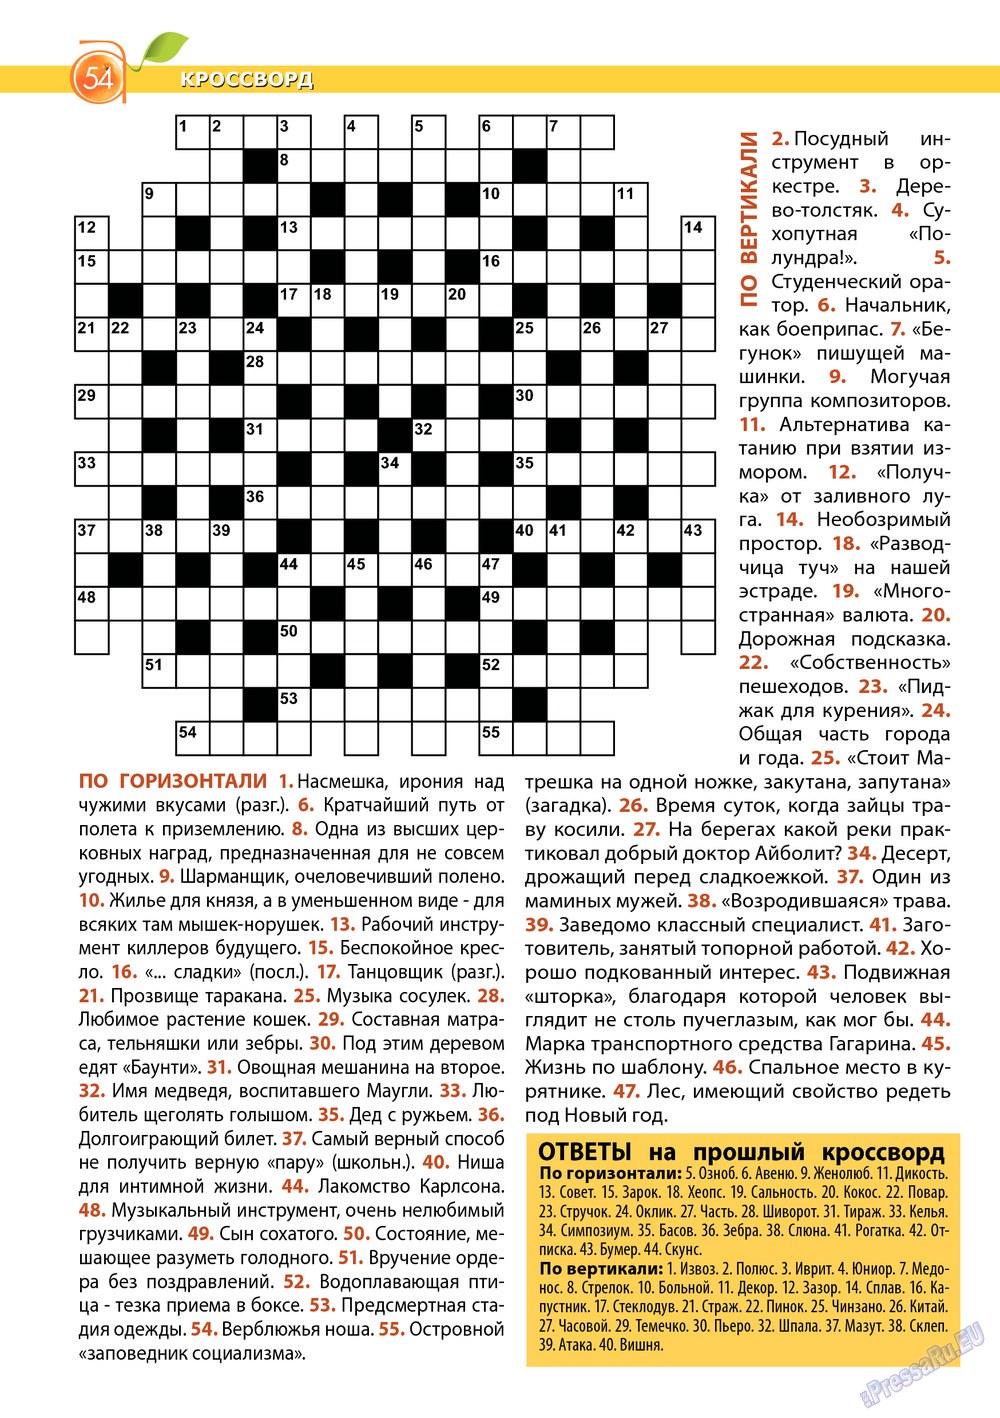 Апельсин (журнал). 2013 год, номер 47, стр. 52